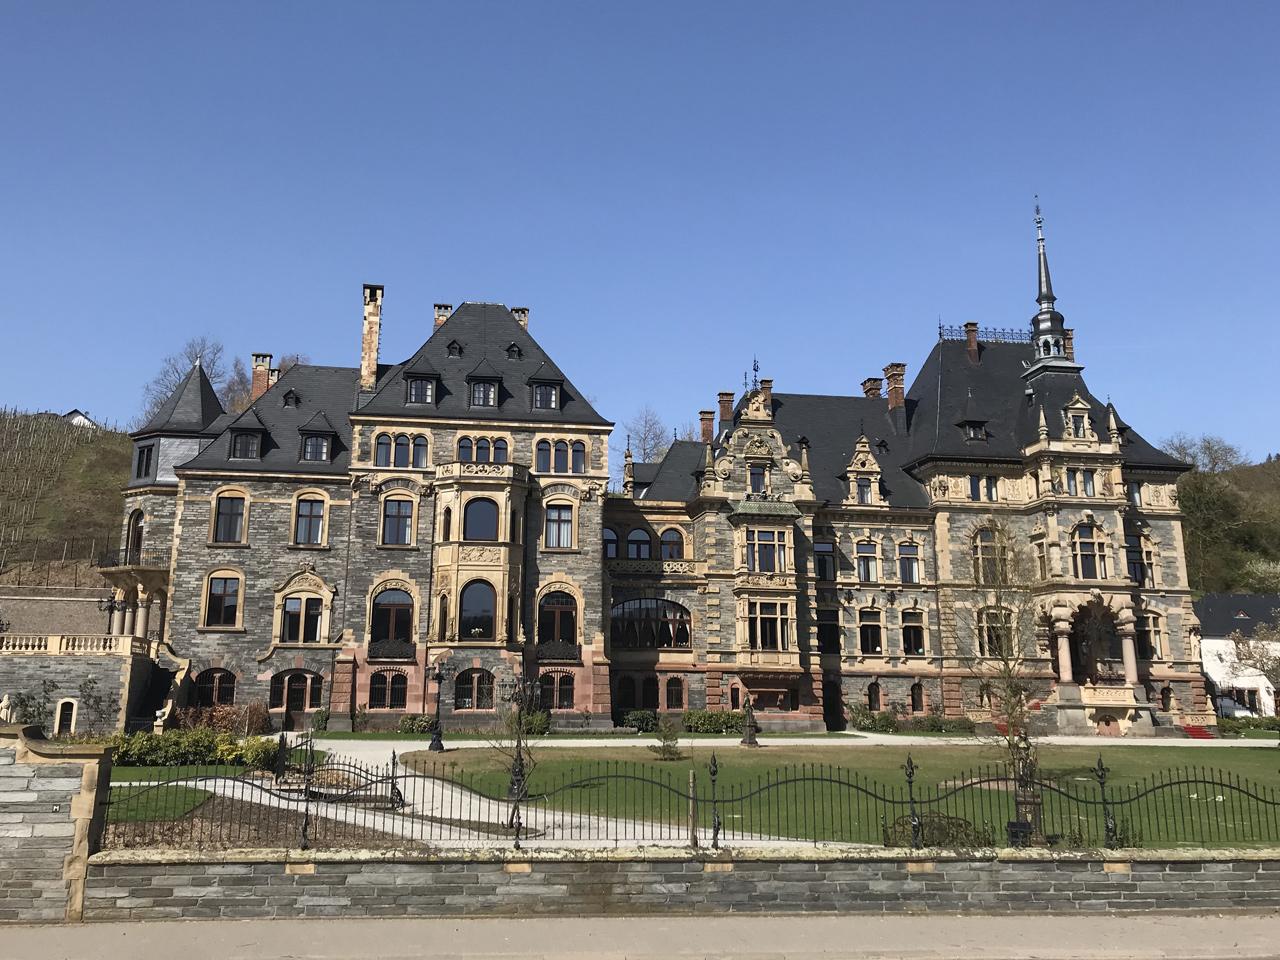 Das Schloss in Liesel. Ganz frisch renoviert und wohl demnächst Luxushotel.